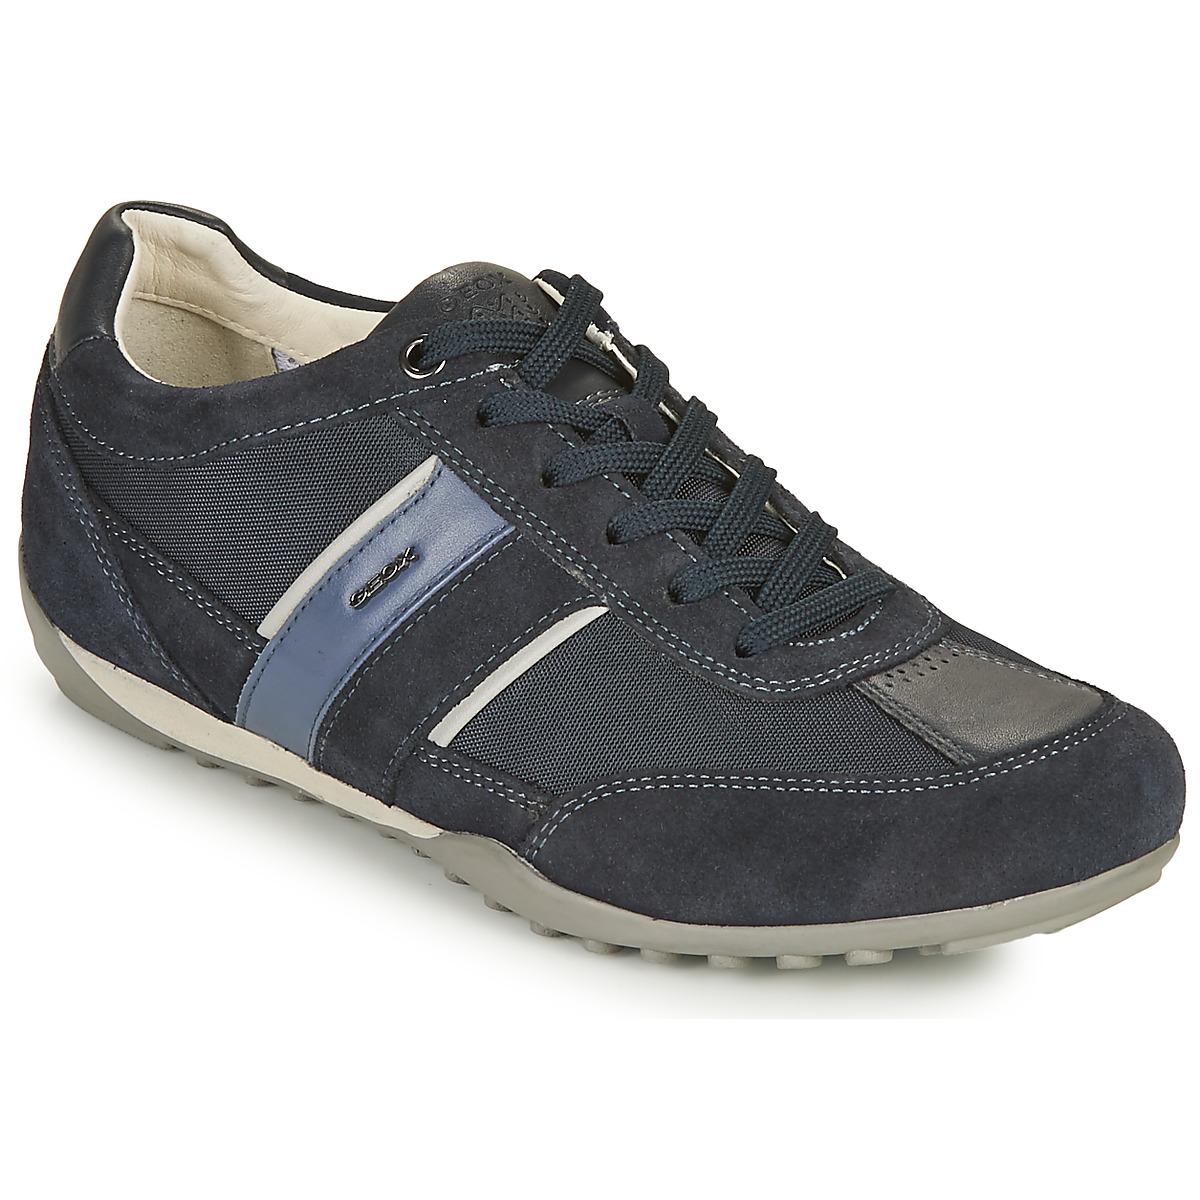 Precipicio pasado viuda  Geox U WELLS C Blu - Consegna gratuita | Spartoo.it ! - Scarpe Sneakers  basse Uomo 129,99 €